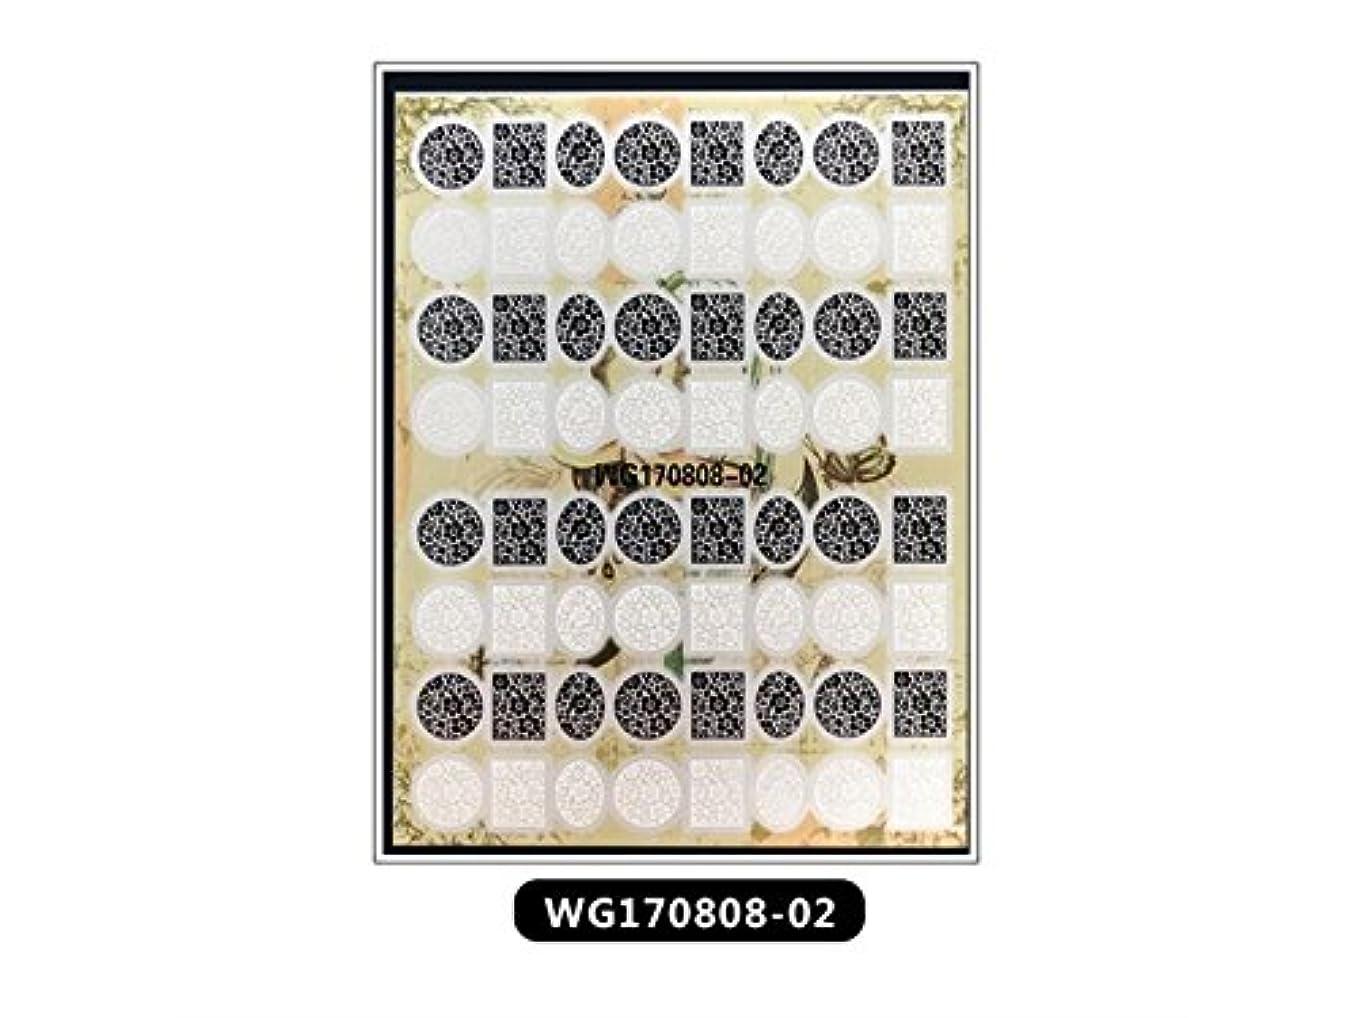 ノベルティピケ抗議Osize ファッションウォーターマーク美しいヒントホットスタンピング3Dネイルステッカーネイルデカールネイルステッカーを彫刻(図示)